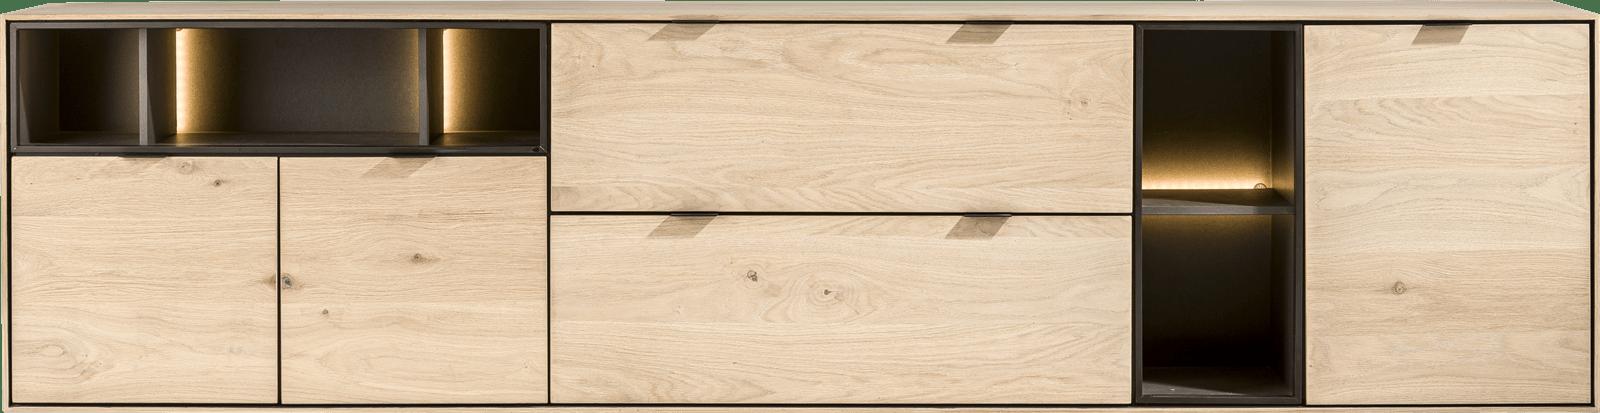 XOOON - Elements - Minimalistisch design - dressoir 240 cm. - 3-deuren + 2-laden + 5-niches + led